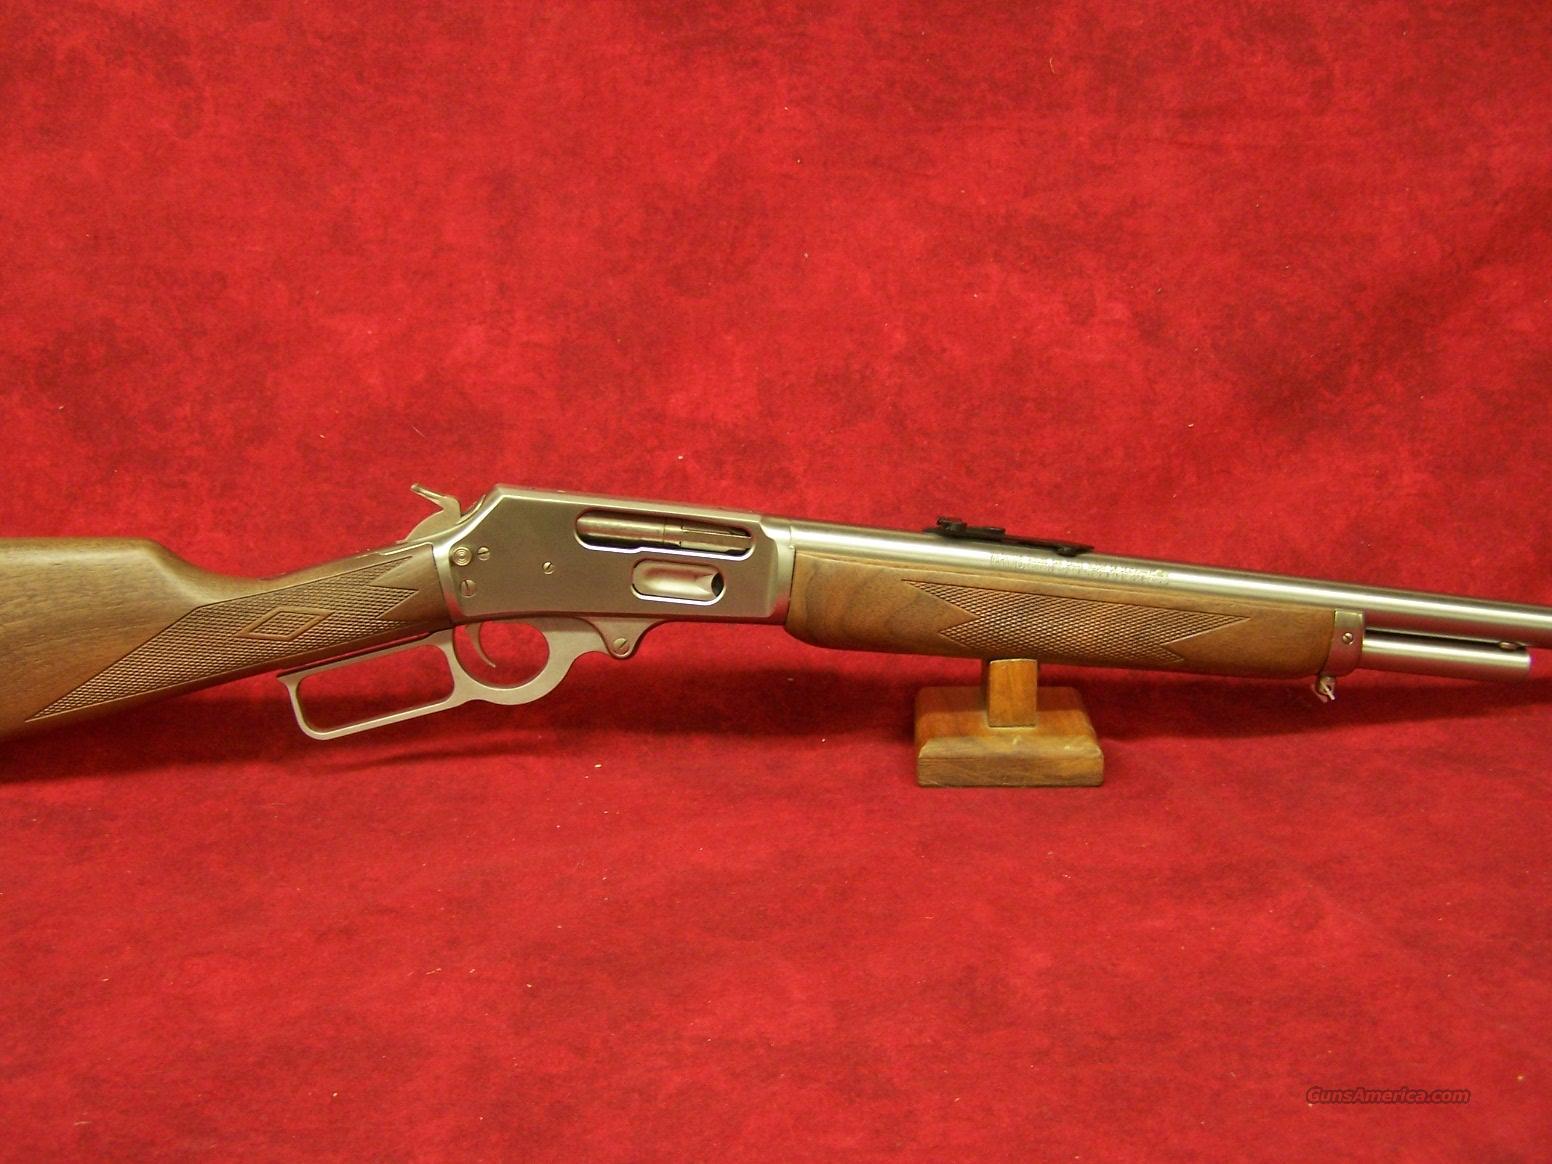 Marlin 1895GS 45/70 Stainless Steel Guide Gun(70464)  Guns > Rifles > Marlin Rifles > Modern > Lever Action